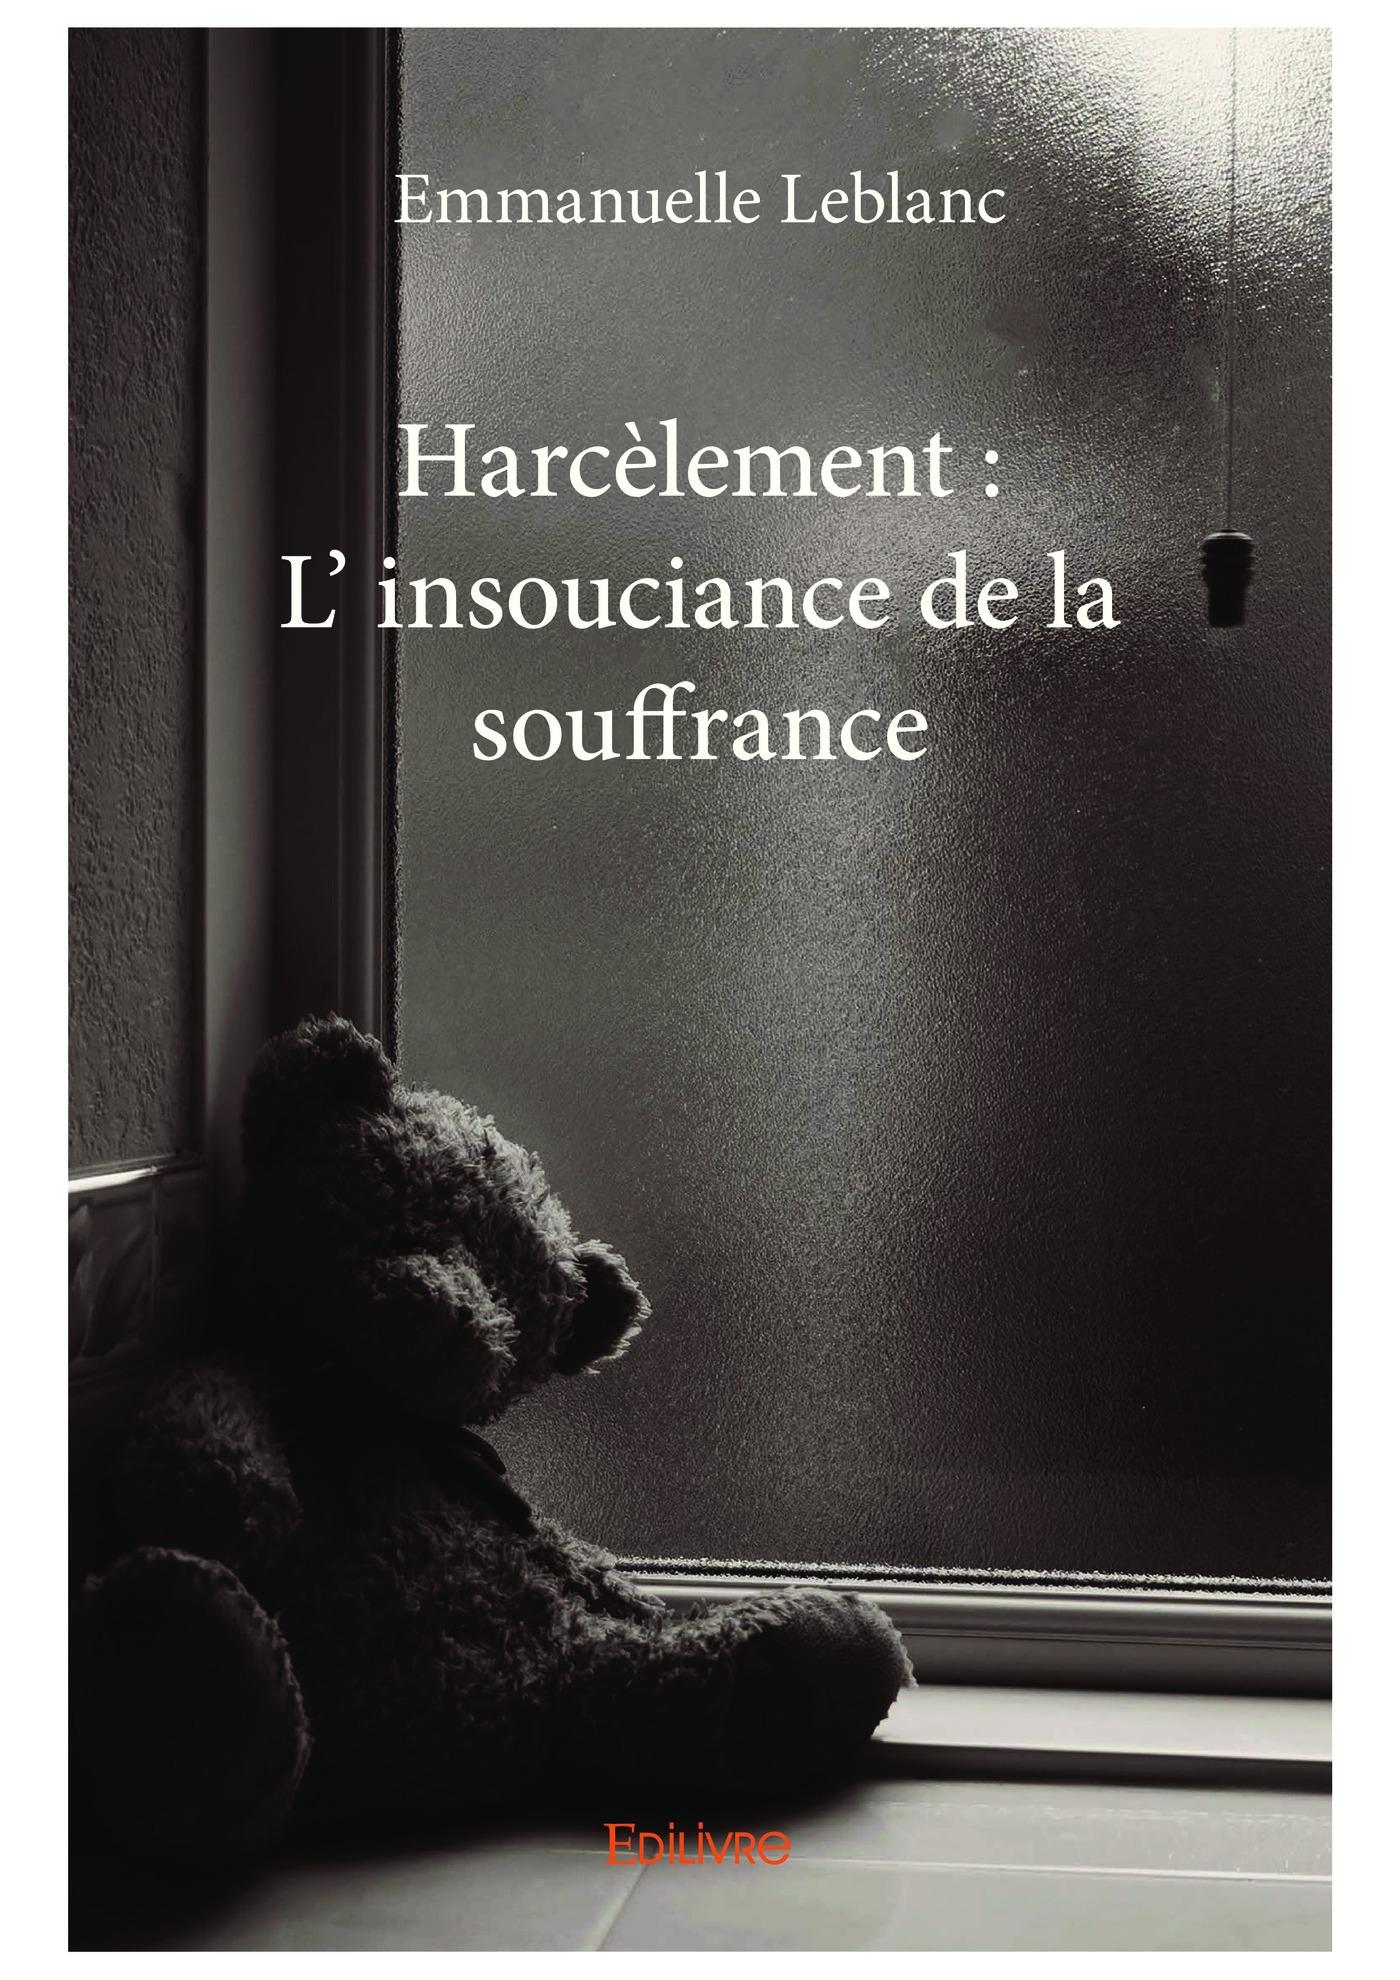 Harcèlement : L' insouciance de la souffrance